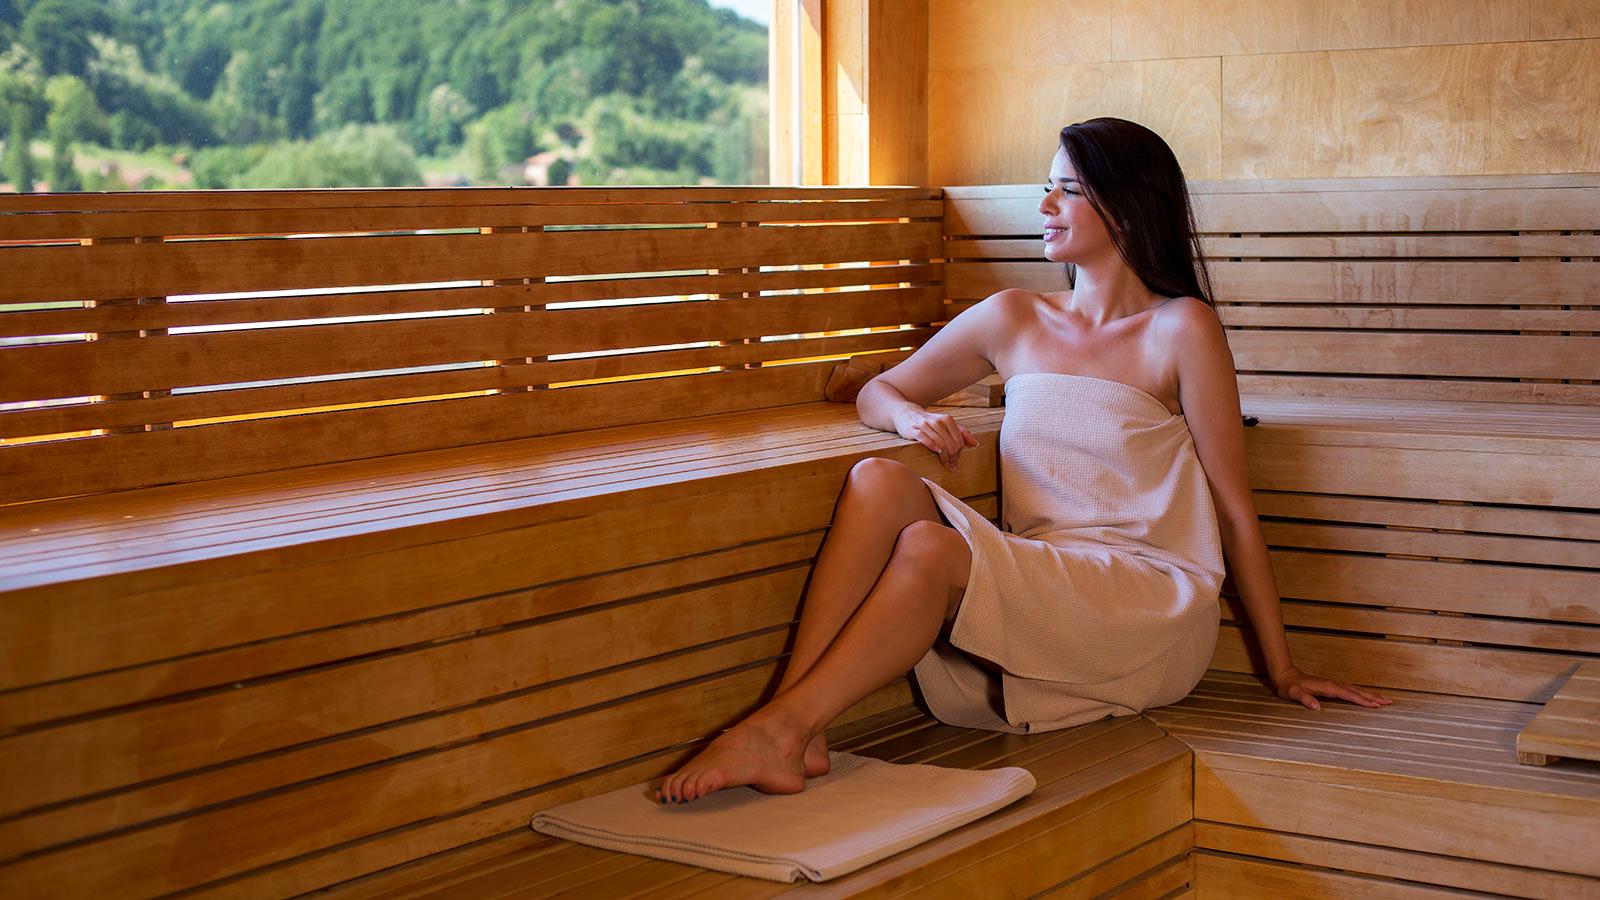 cô gái tắm hơi Bắc Âu hạnh phúc